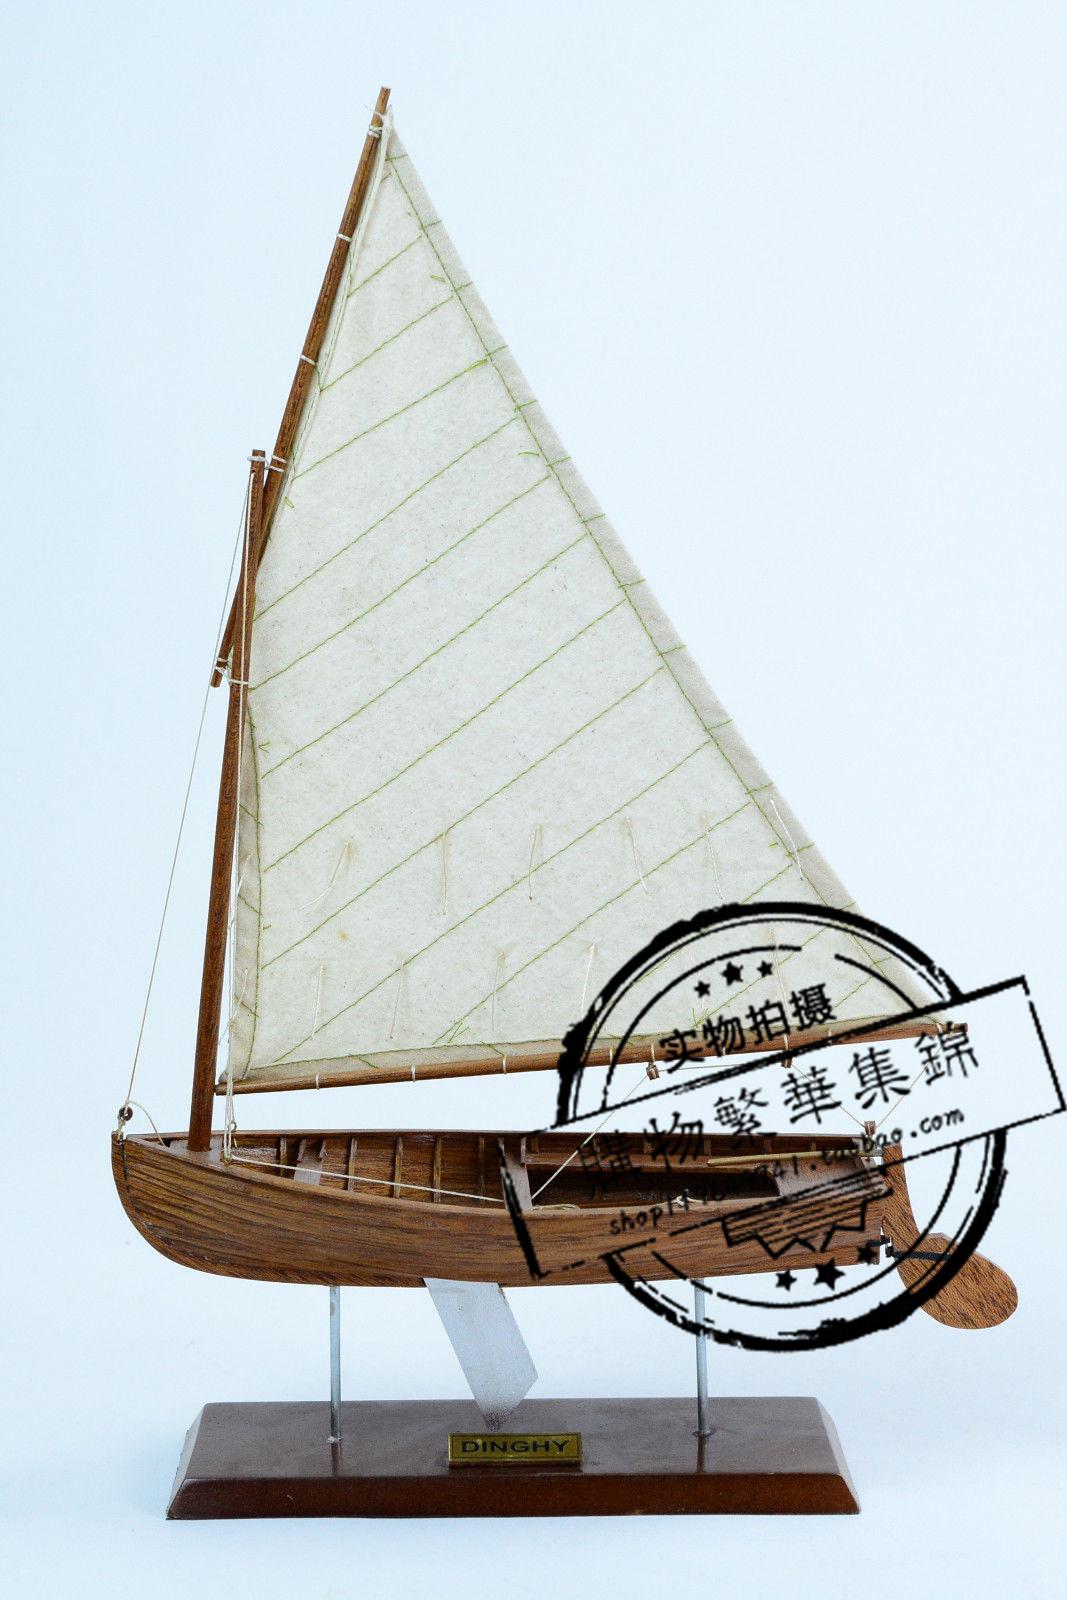 カヌー11手作り木製の帆船模型プレゼント置物客間